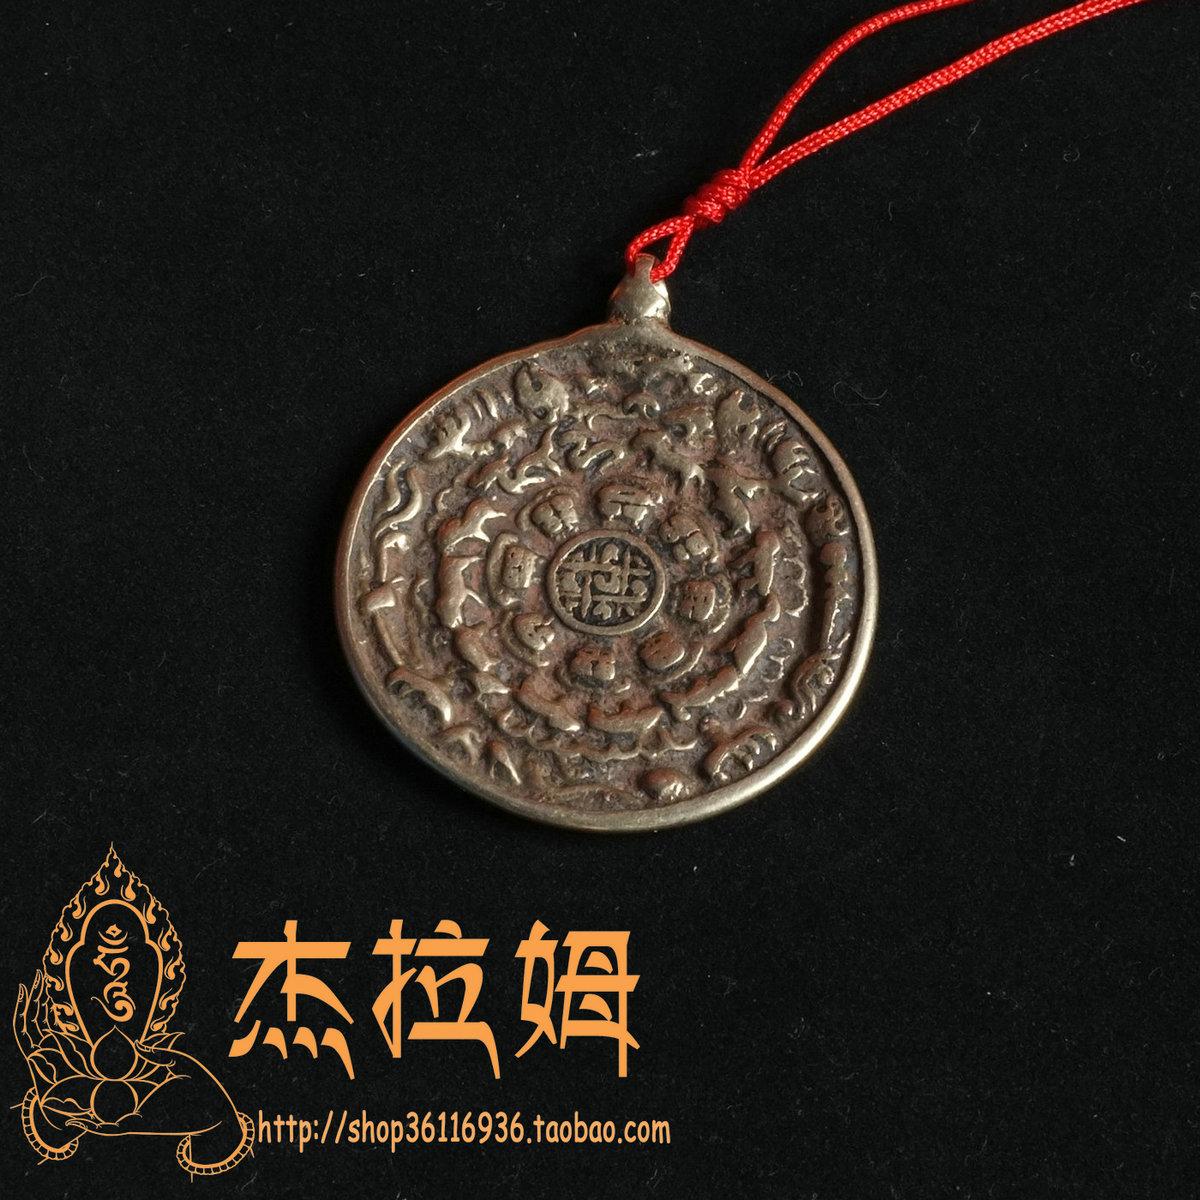 Тибетский сувенир из бронзы тибетский ящик